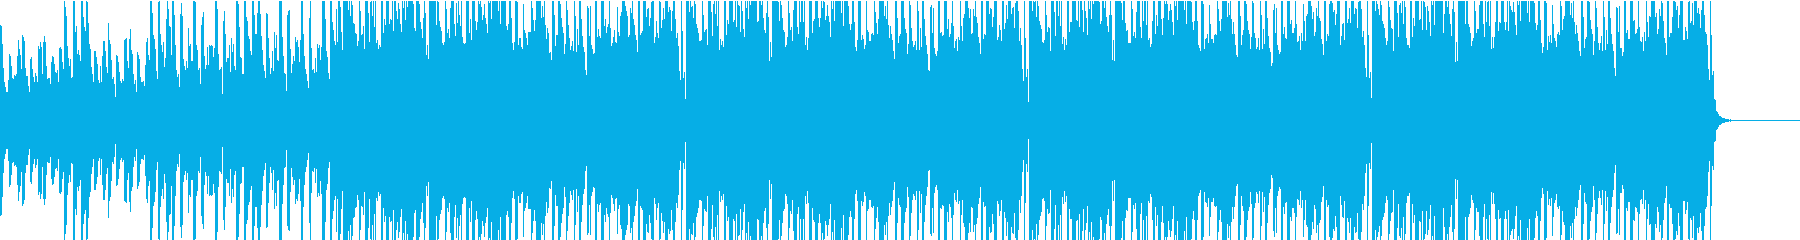 アラビアンナイトの民族ダンスBGMの再生済みの波形